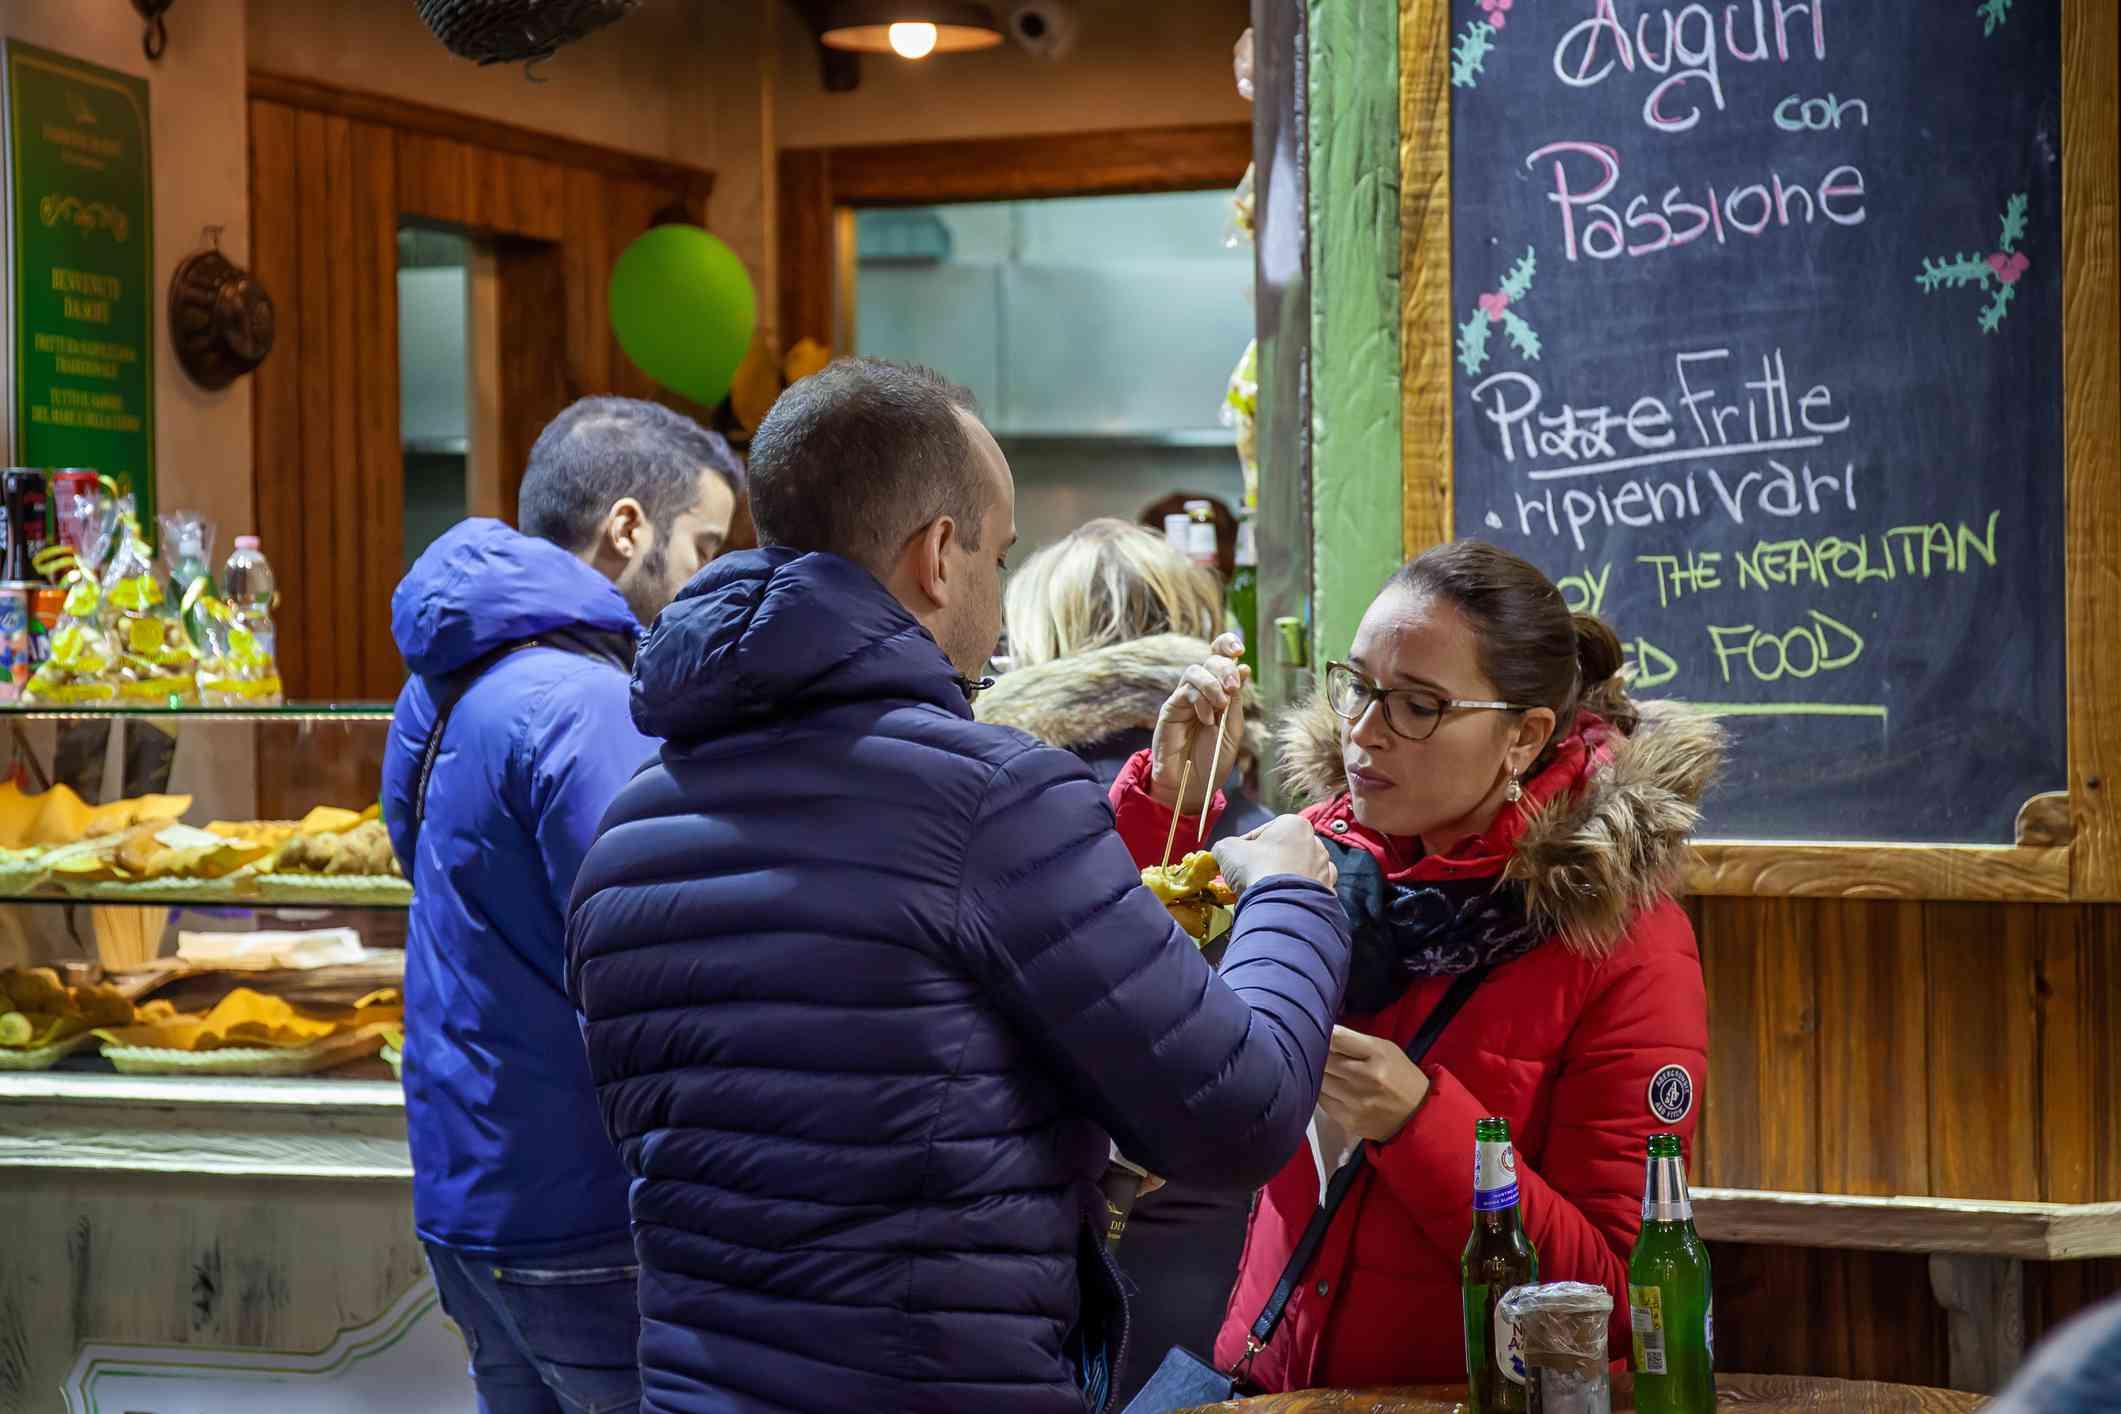 People enjoying street food in Naples